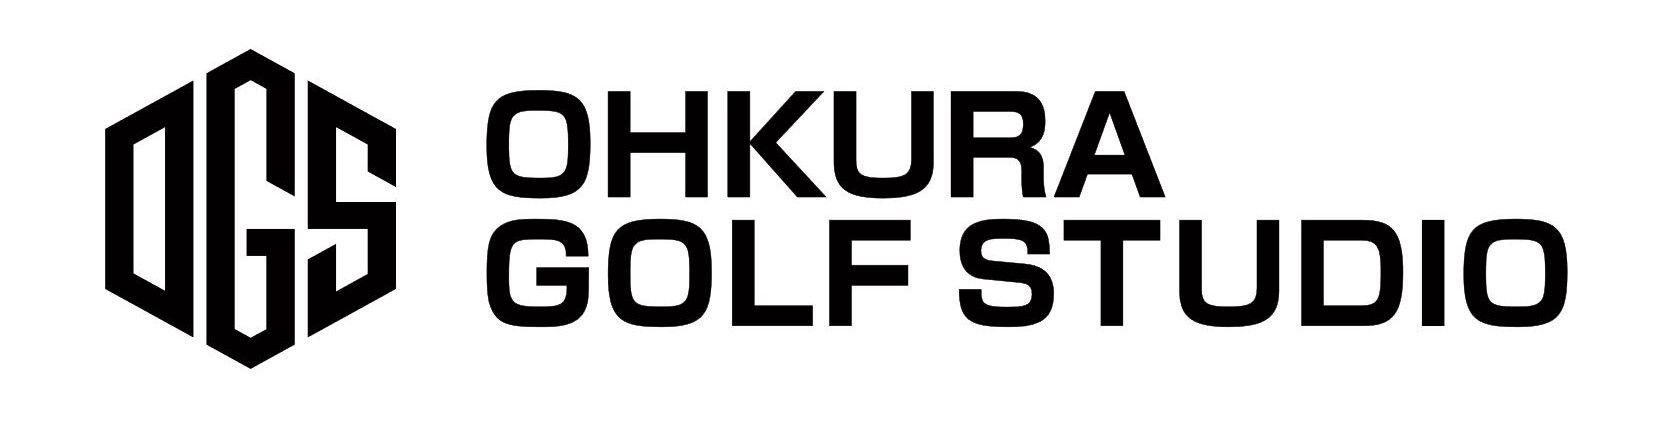 大蔵ゴルフスタジオWEBSTORE